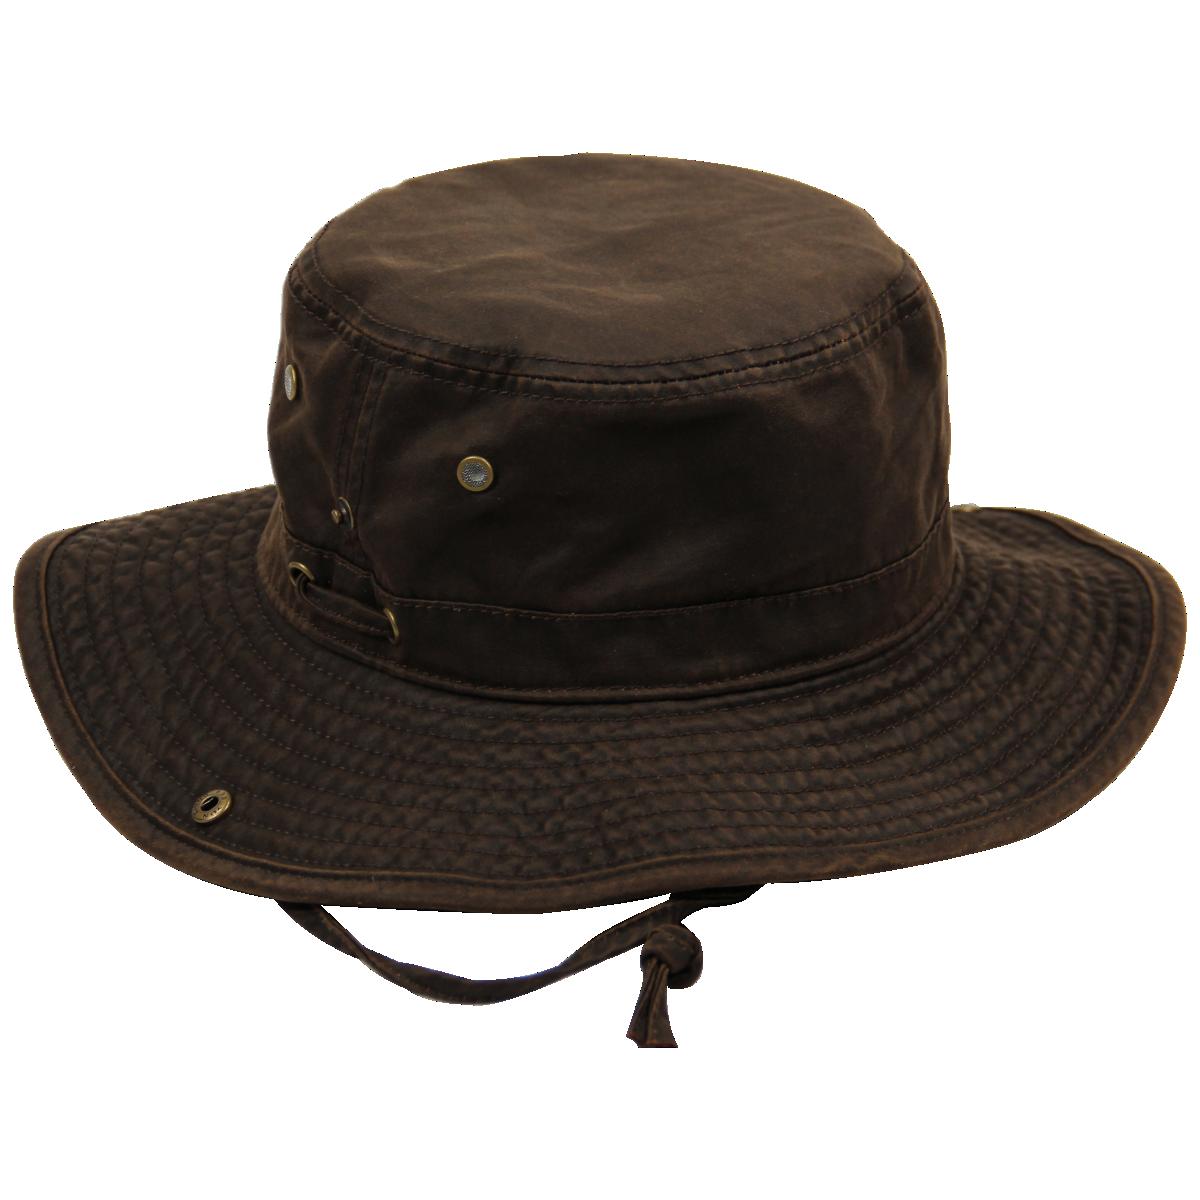 Oil Skin Bush Hat